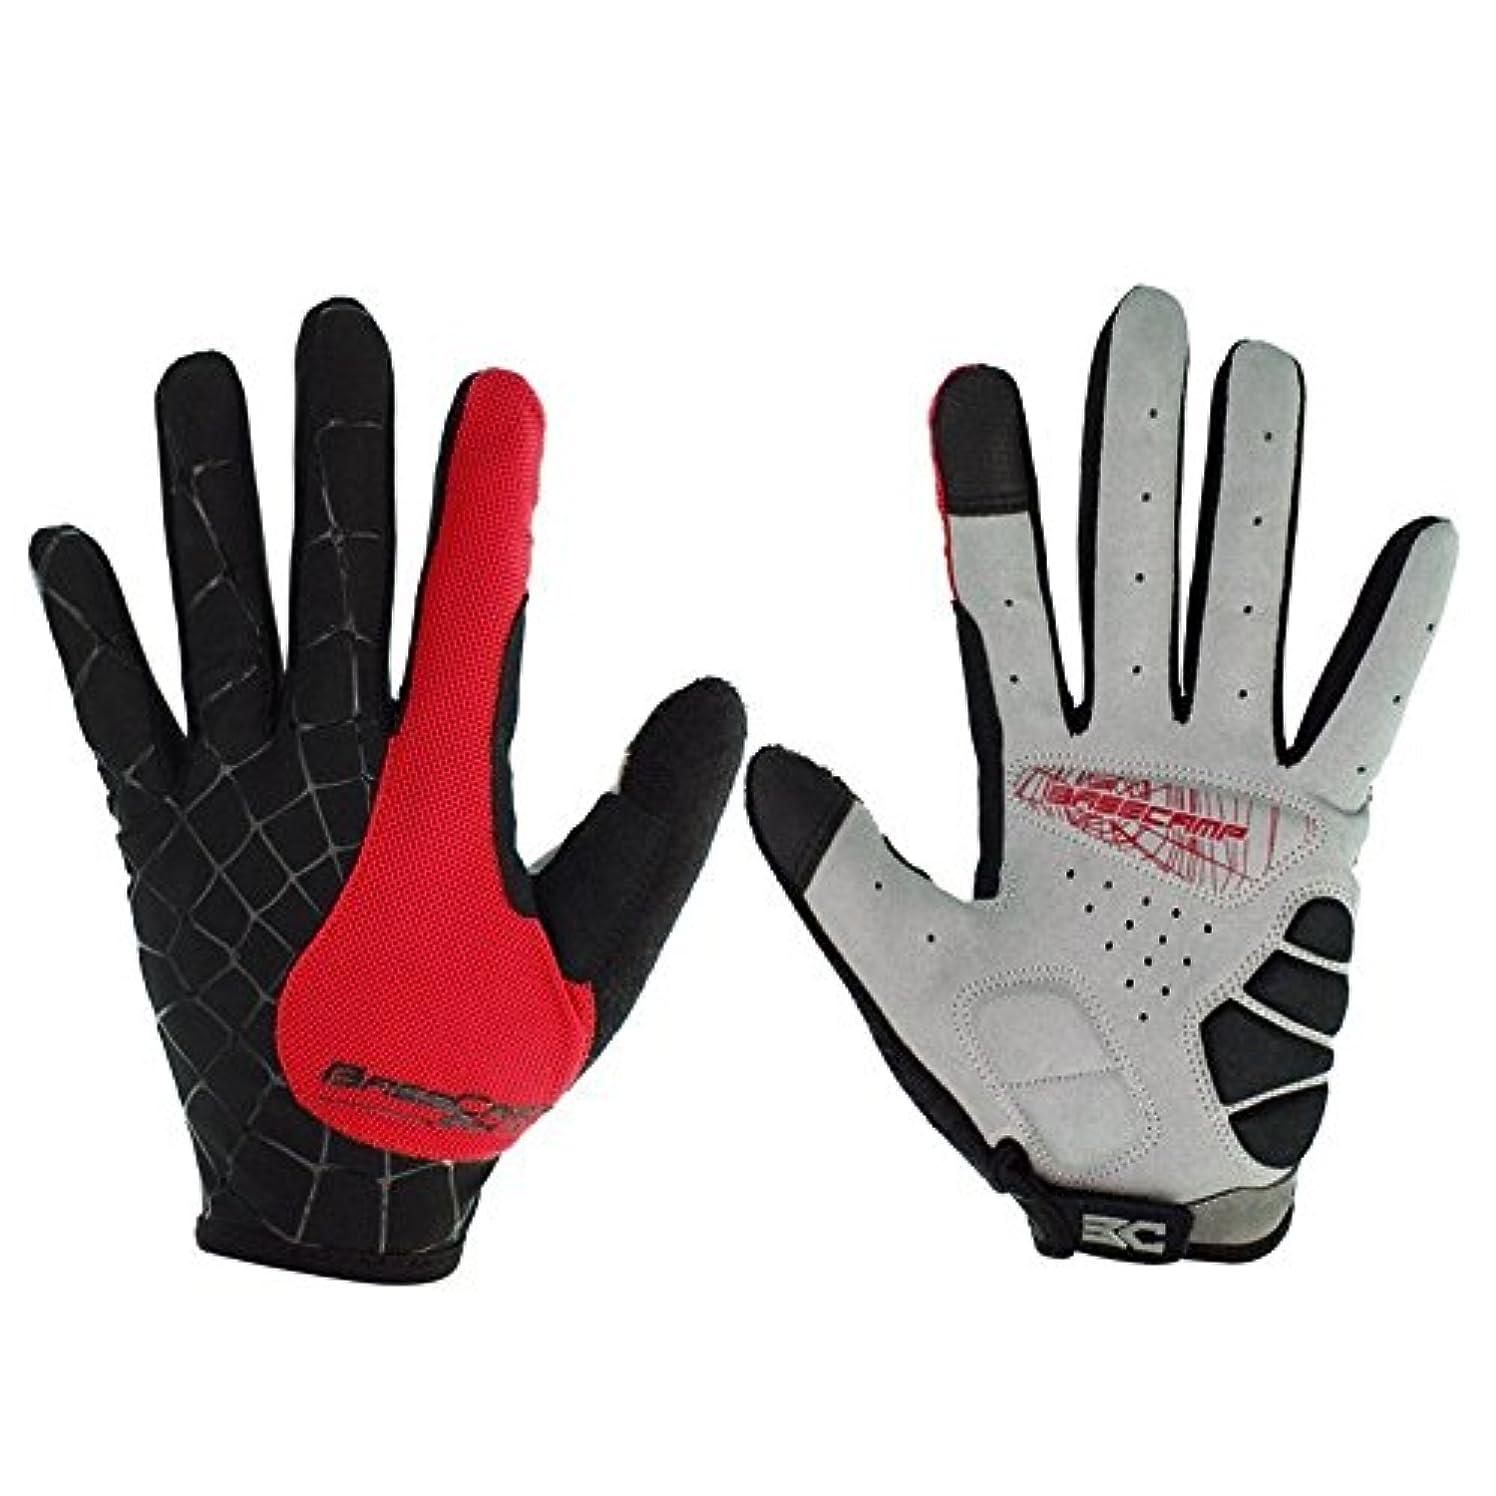 嫉妬欲望刺激するマウンテンバイクの手袋 自転車の手袋 クモの巣 フルフィンガータッチスクリーン、アウトドアスポーツの手袋 メンズ/レディース手袋を働きます